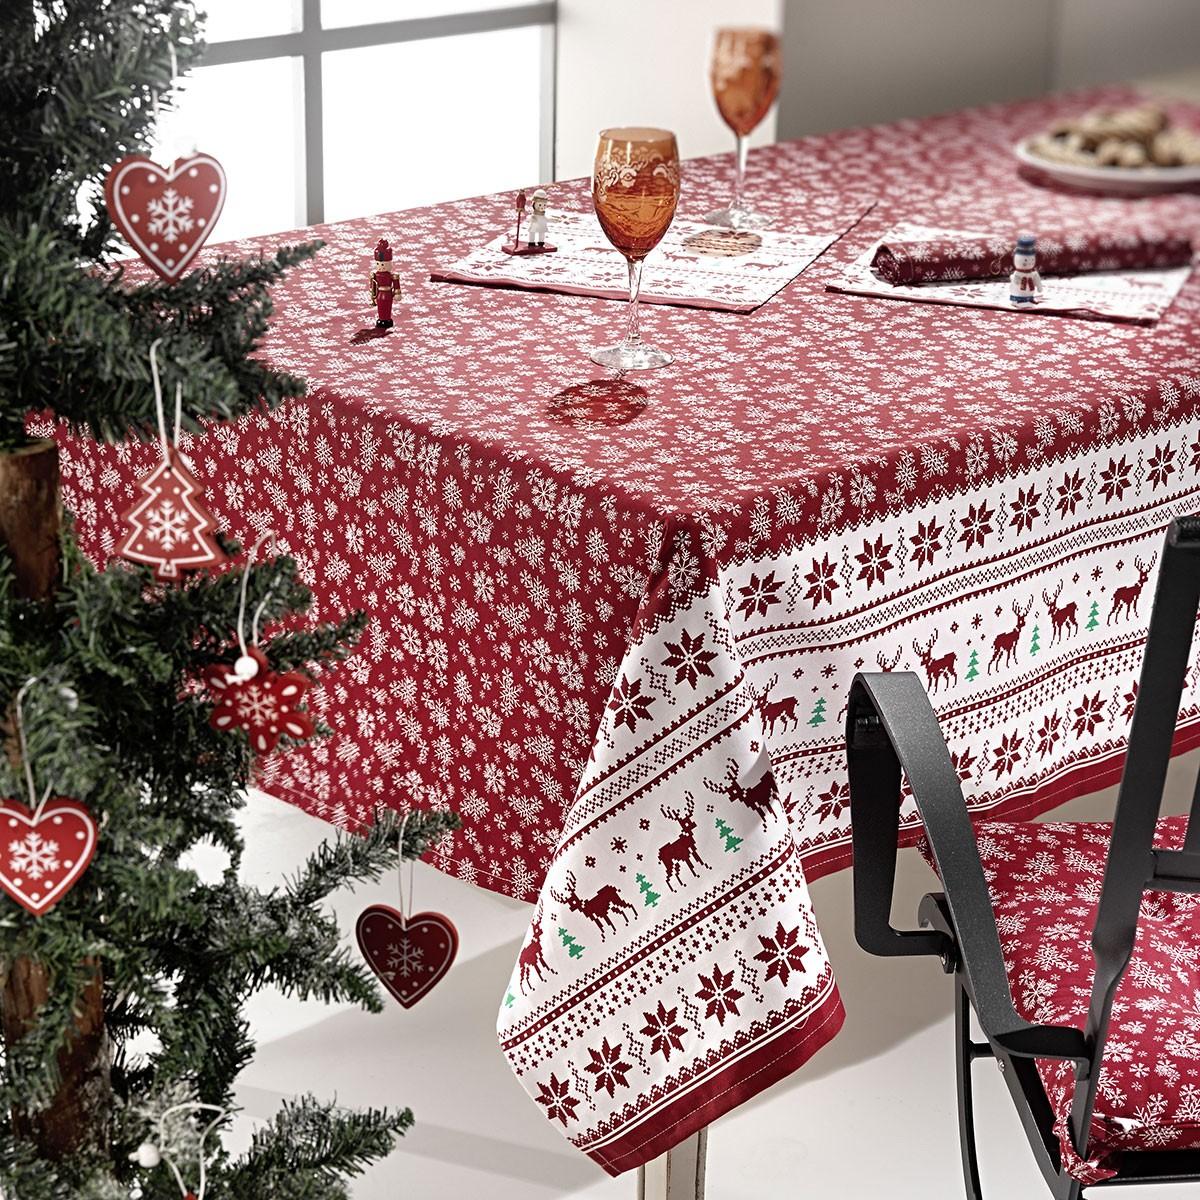 Χριστουγεννιάτικο Τραπεζομάντηλο (150×220) Nima Rudolph